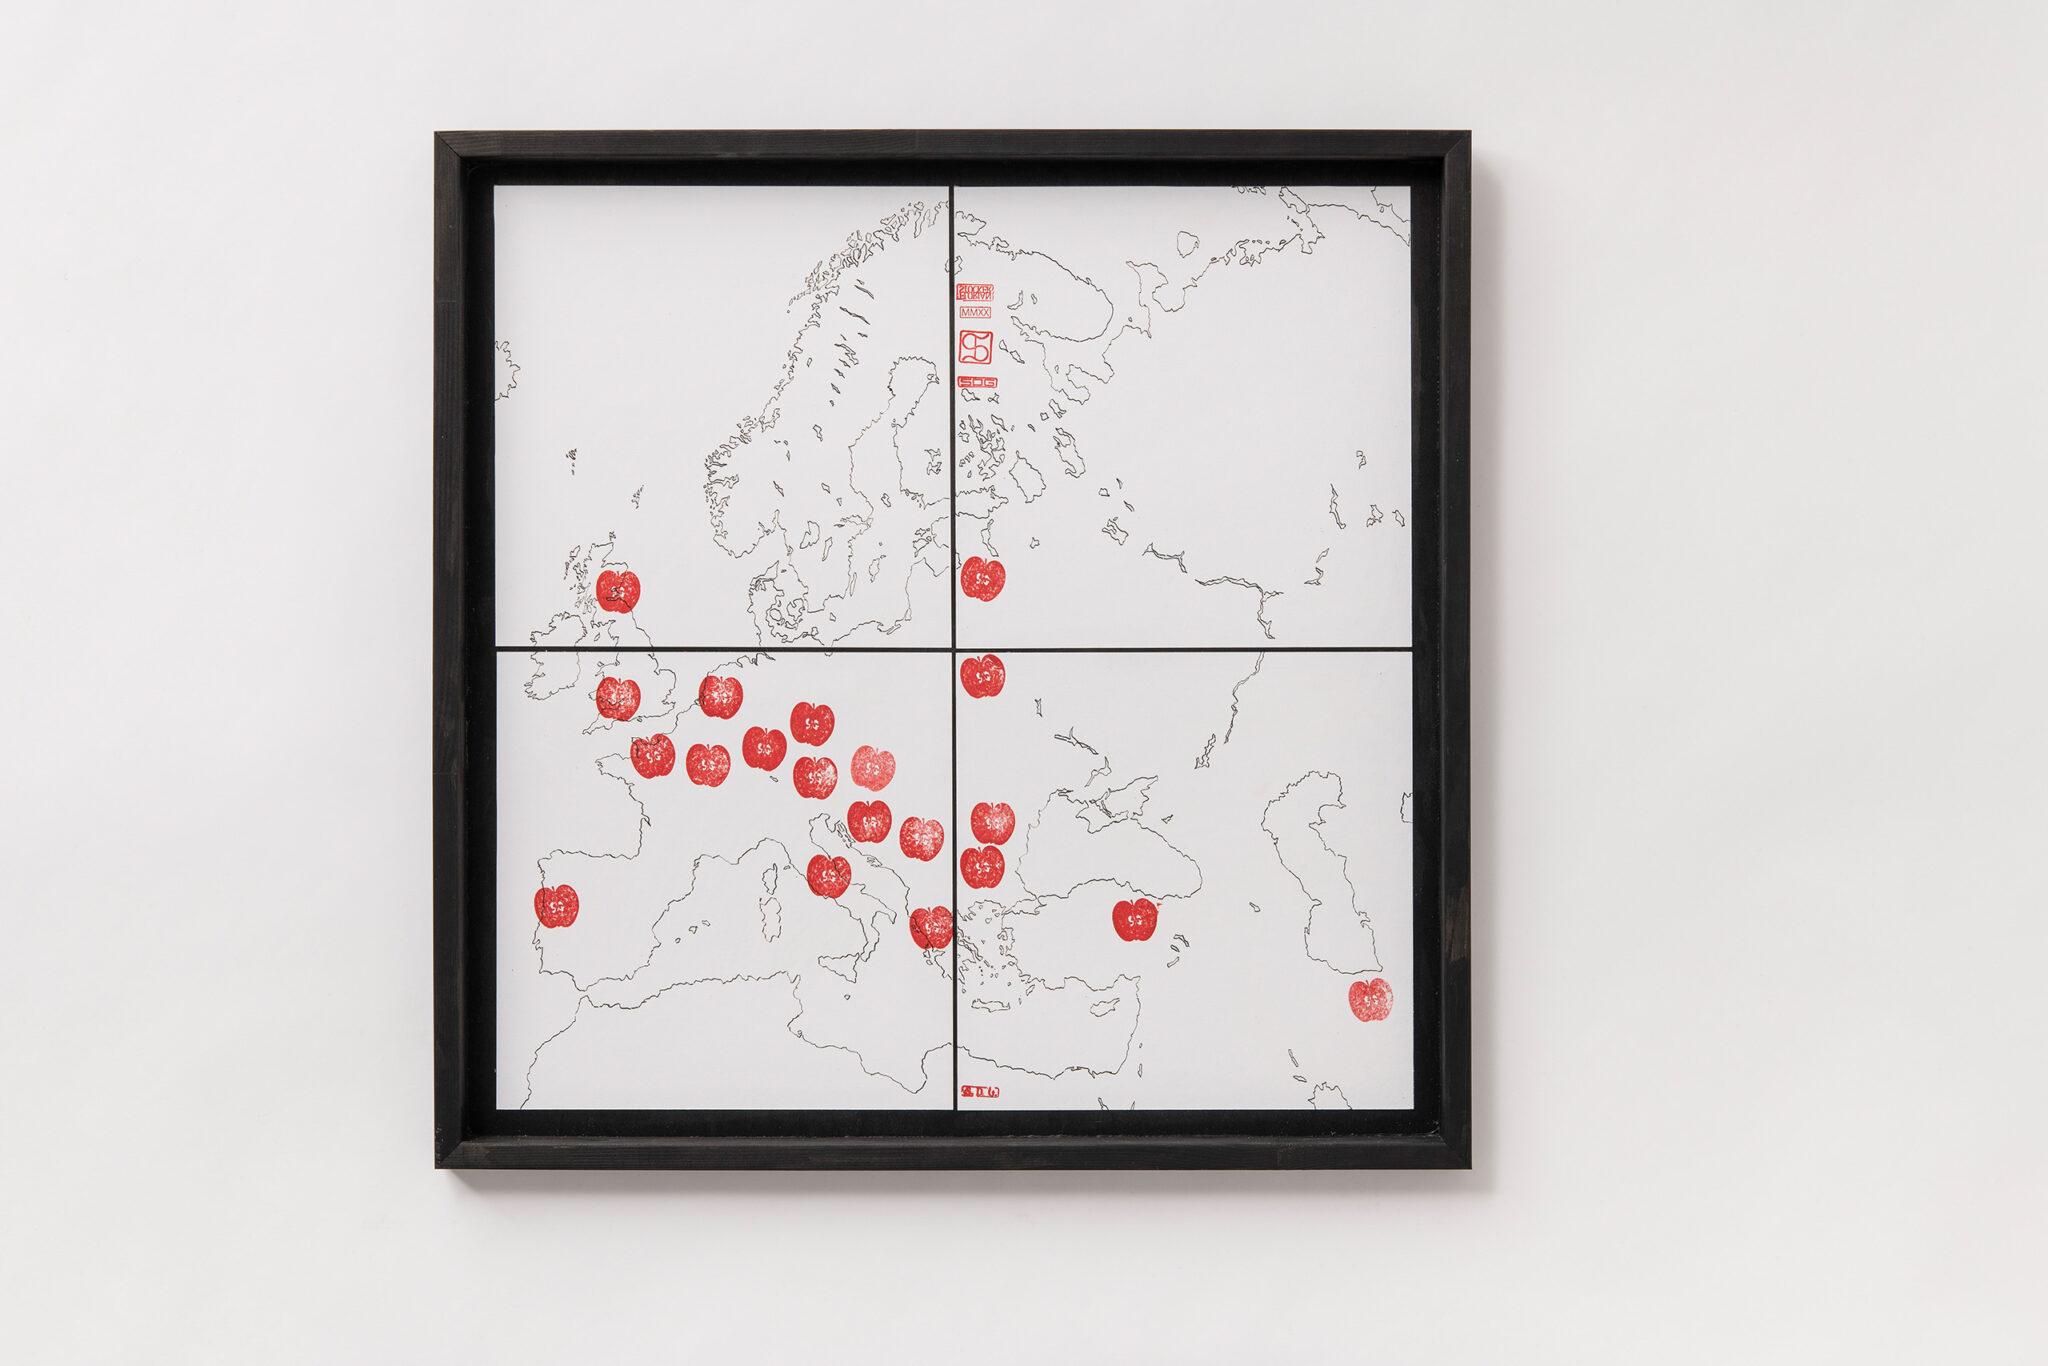 Florian Stocker, Karte Wandernder Apfelhain 2 von 3, 70 cm x 70cm